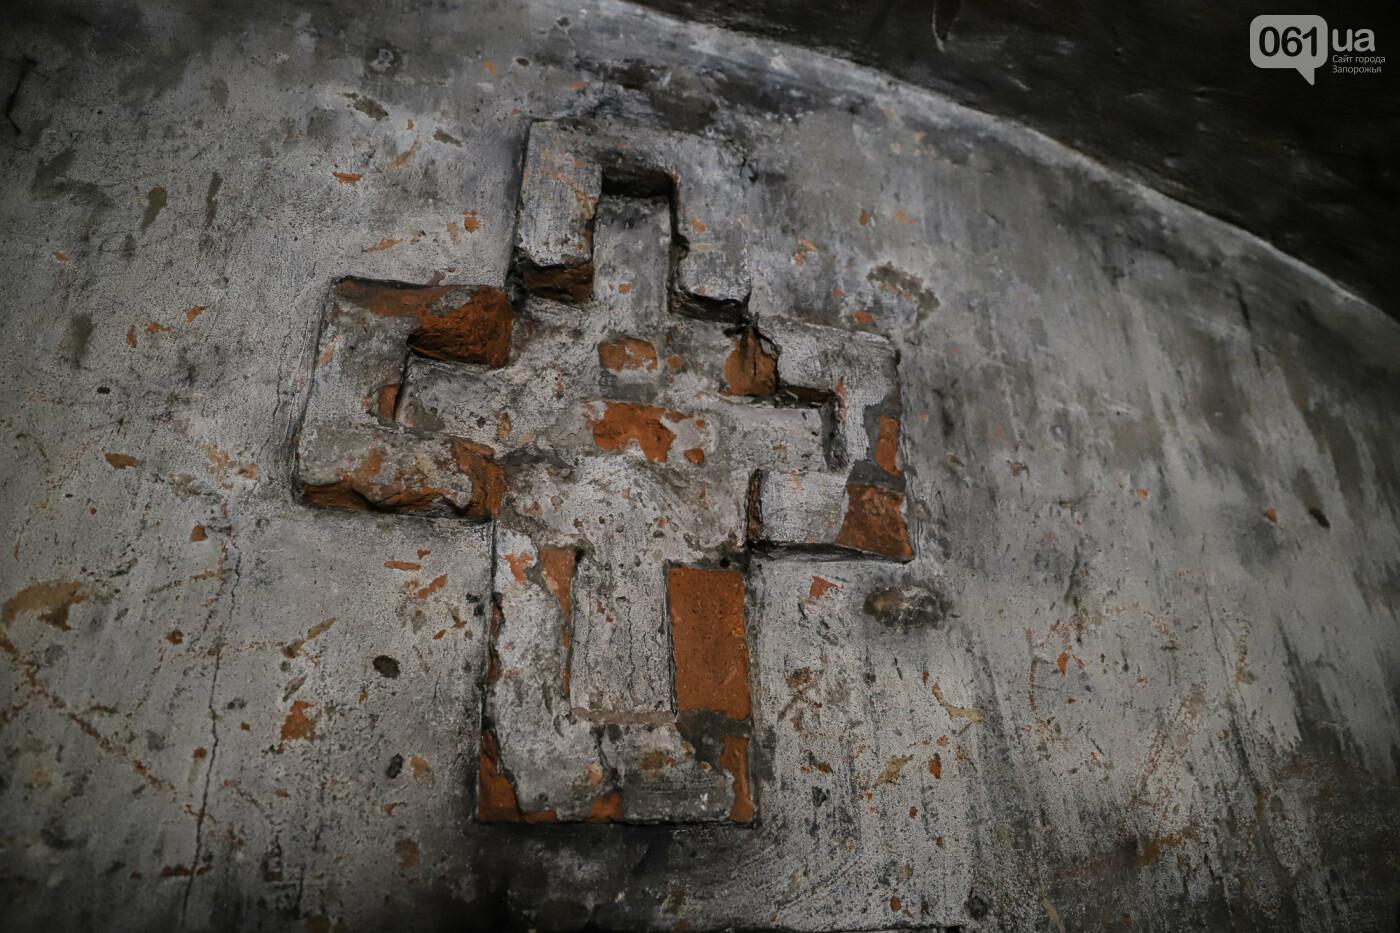 Семейный склеп графа Канкрина и фундамент церкви XIX столетия - под Запорожьем готовят новый туристический объект, - ФОТОРЕПОРТАЖ , фото-21